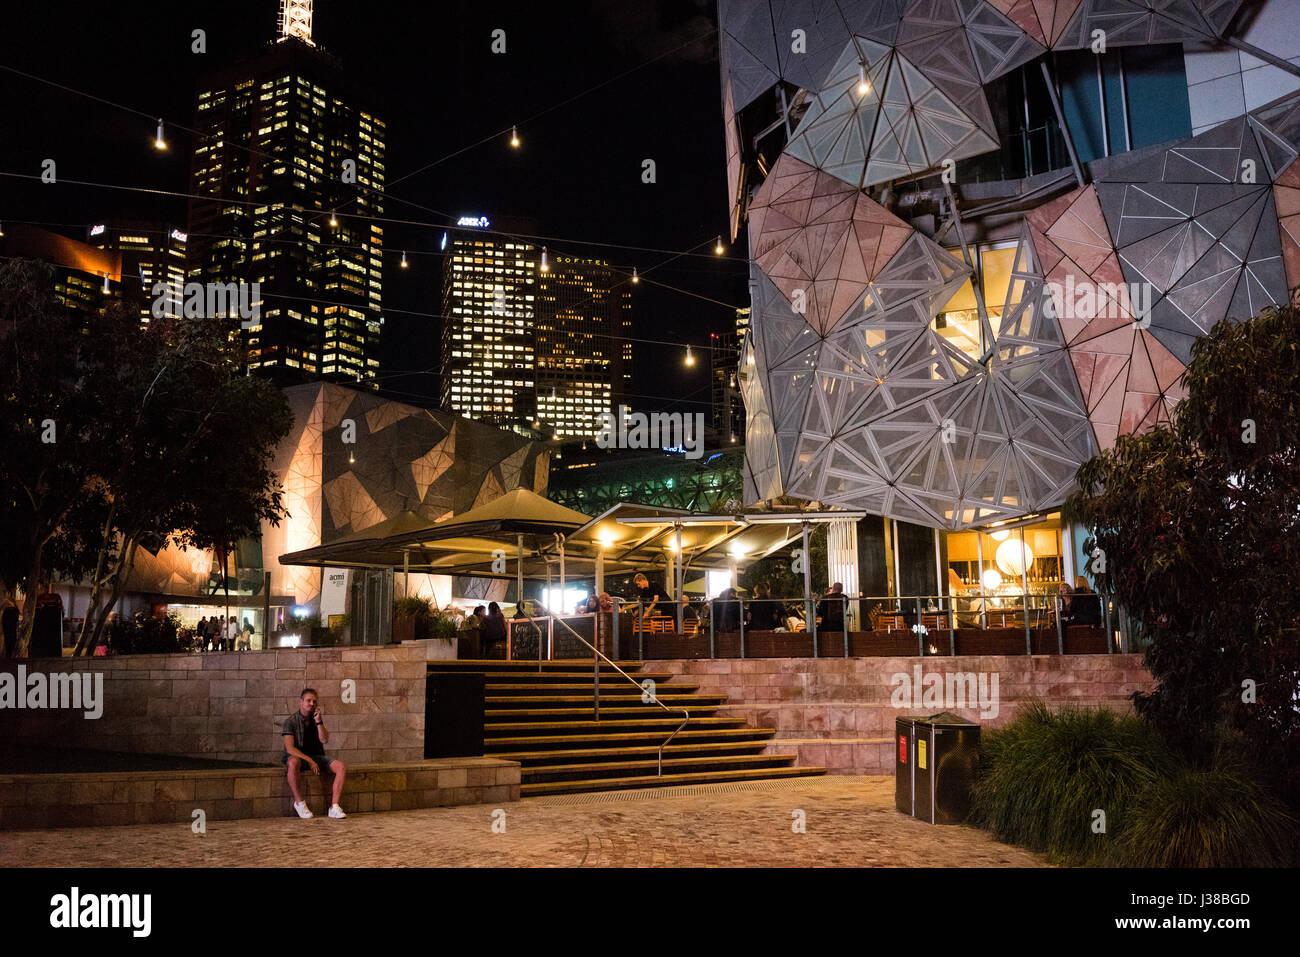 Night view of the Victorian Arts Centre in Melbourne Australia - Stock-Bilder